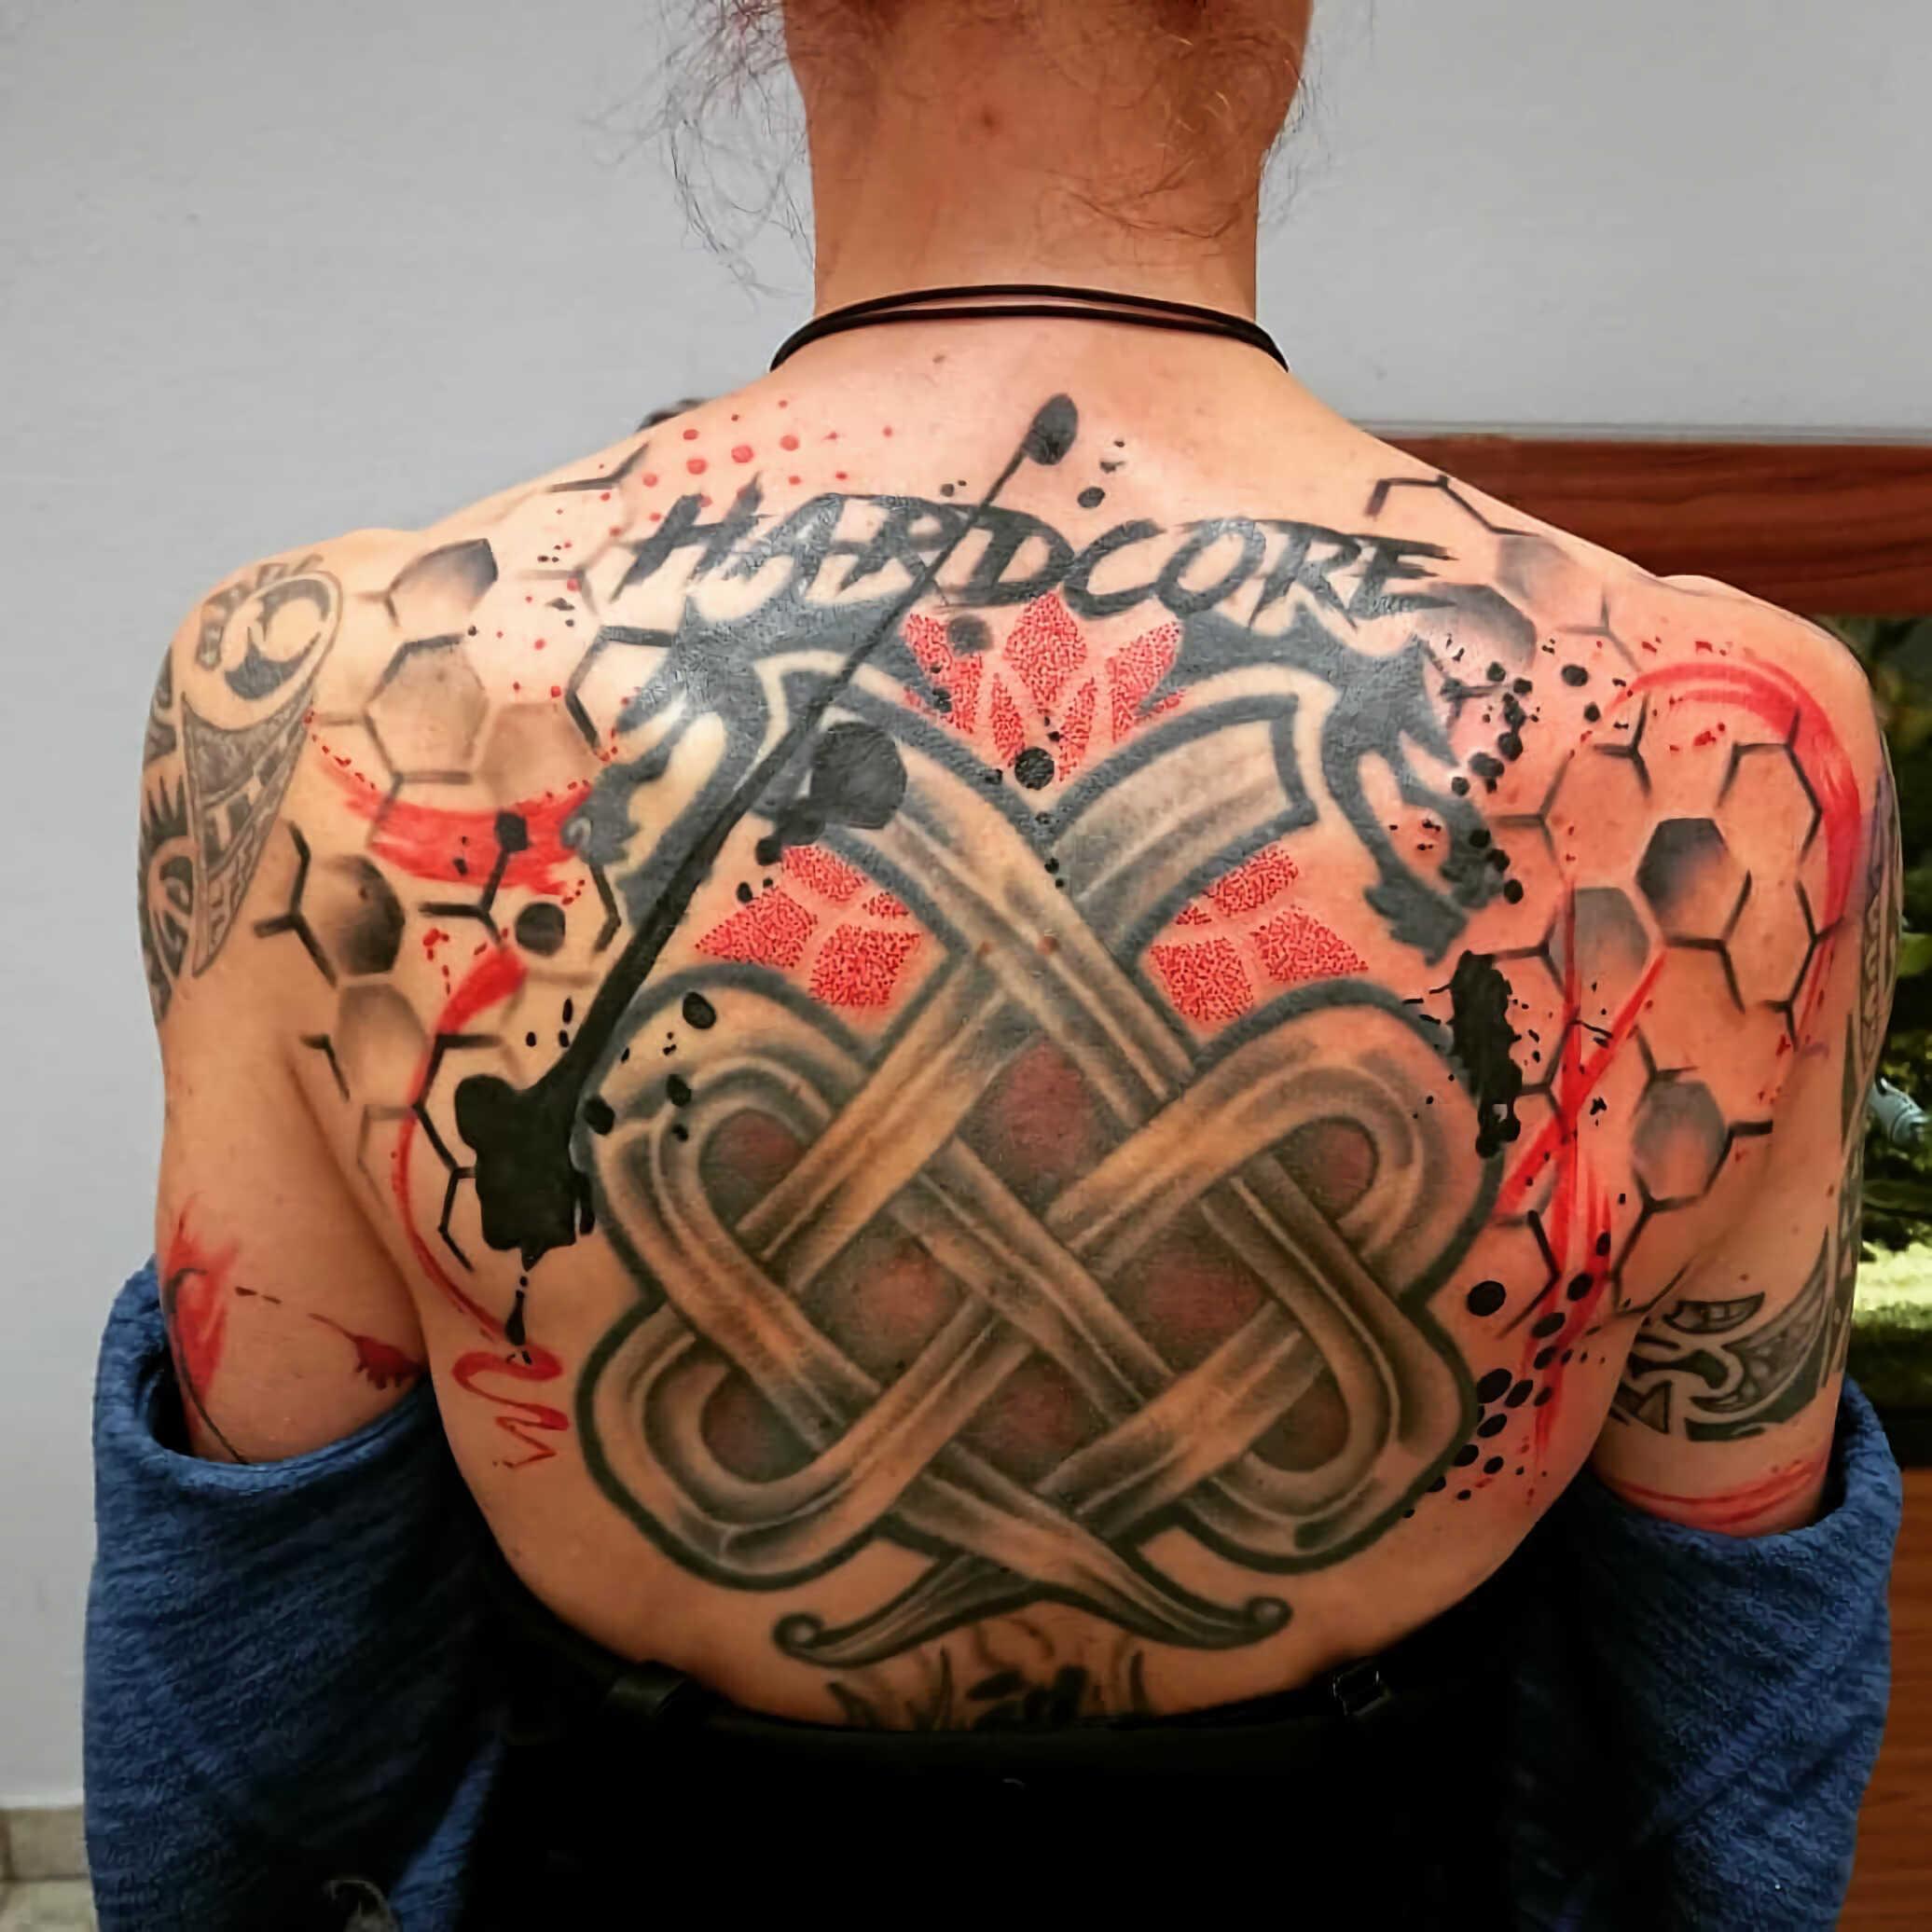 татуировка на спине в стиле трэш-полька